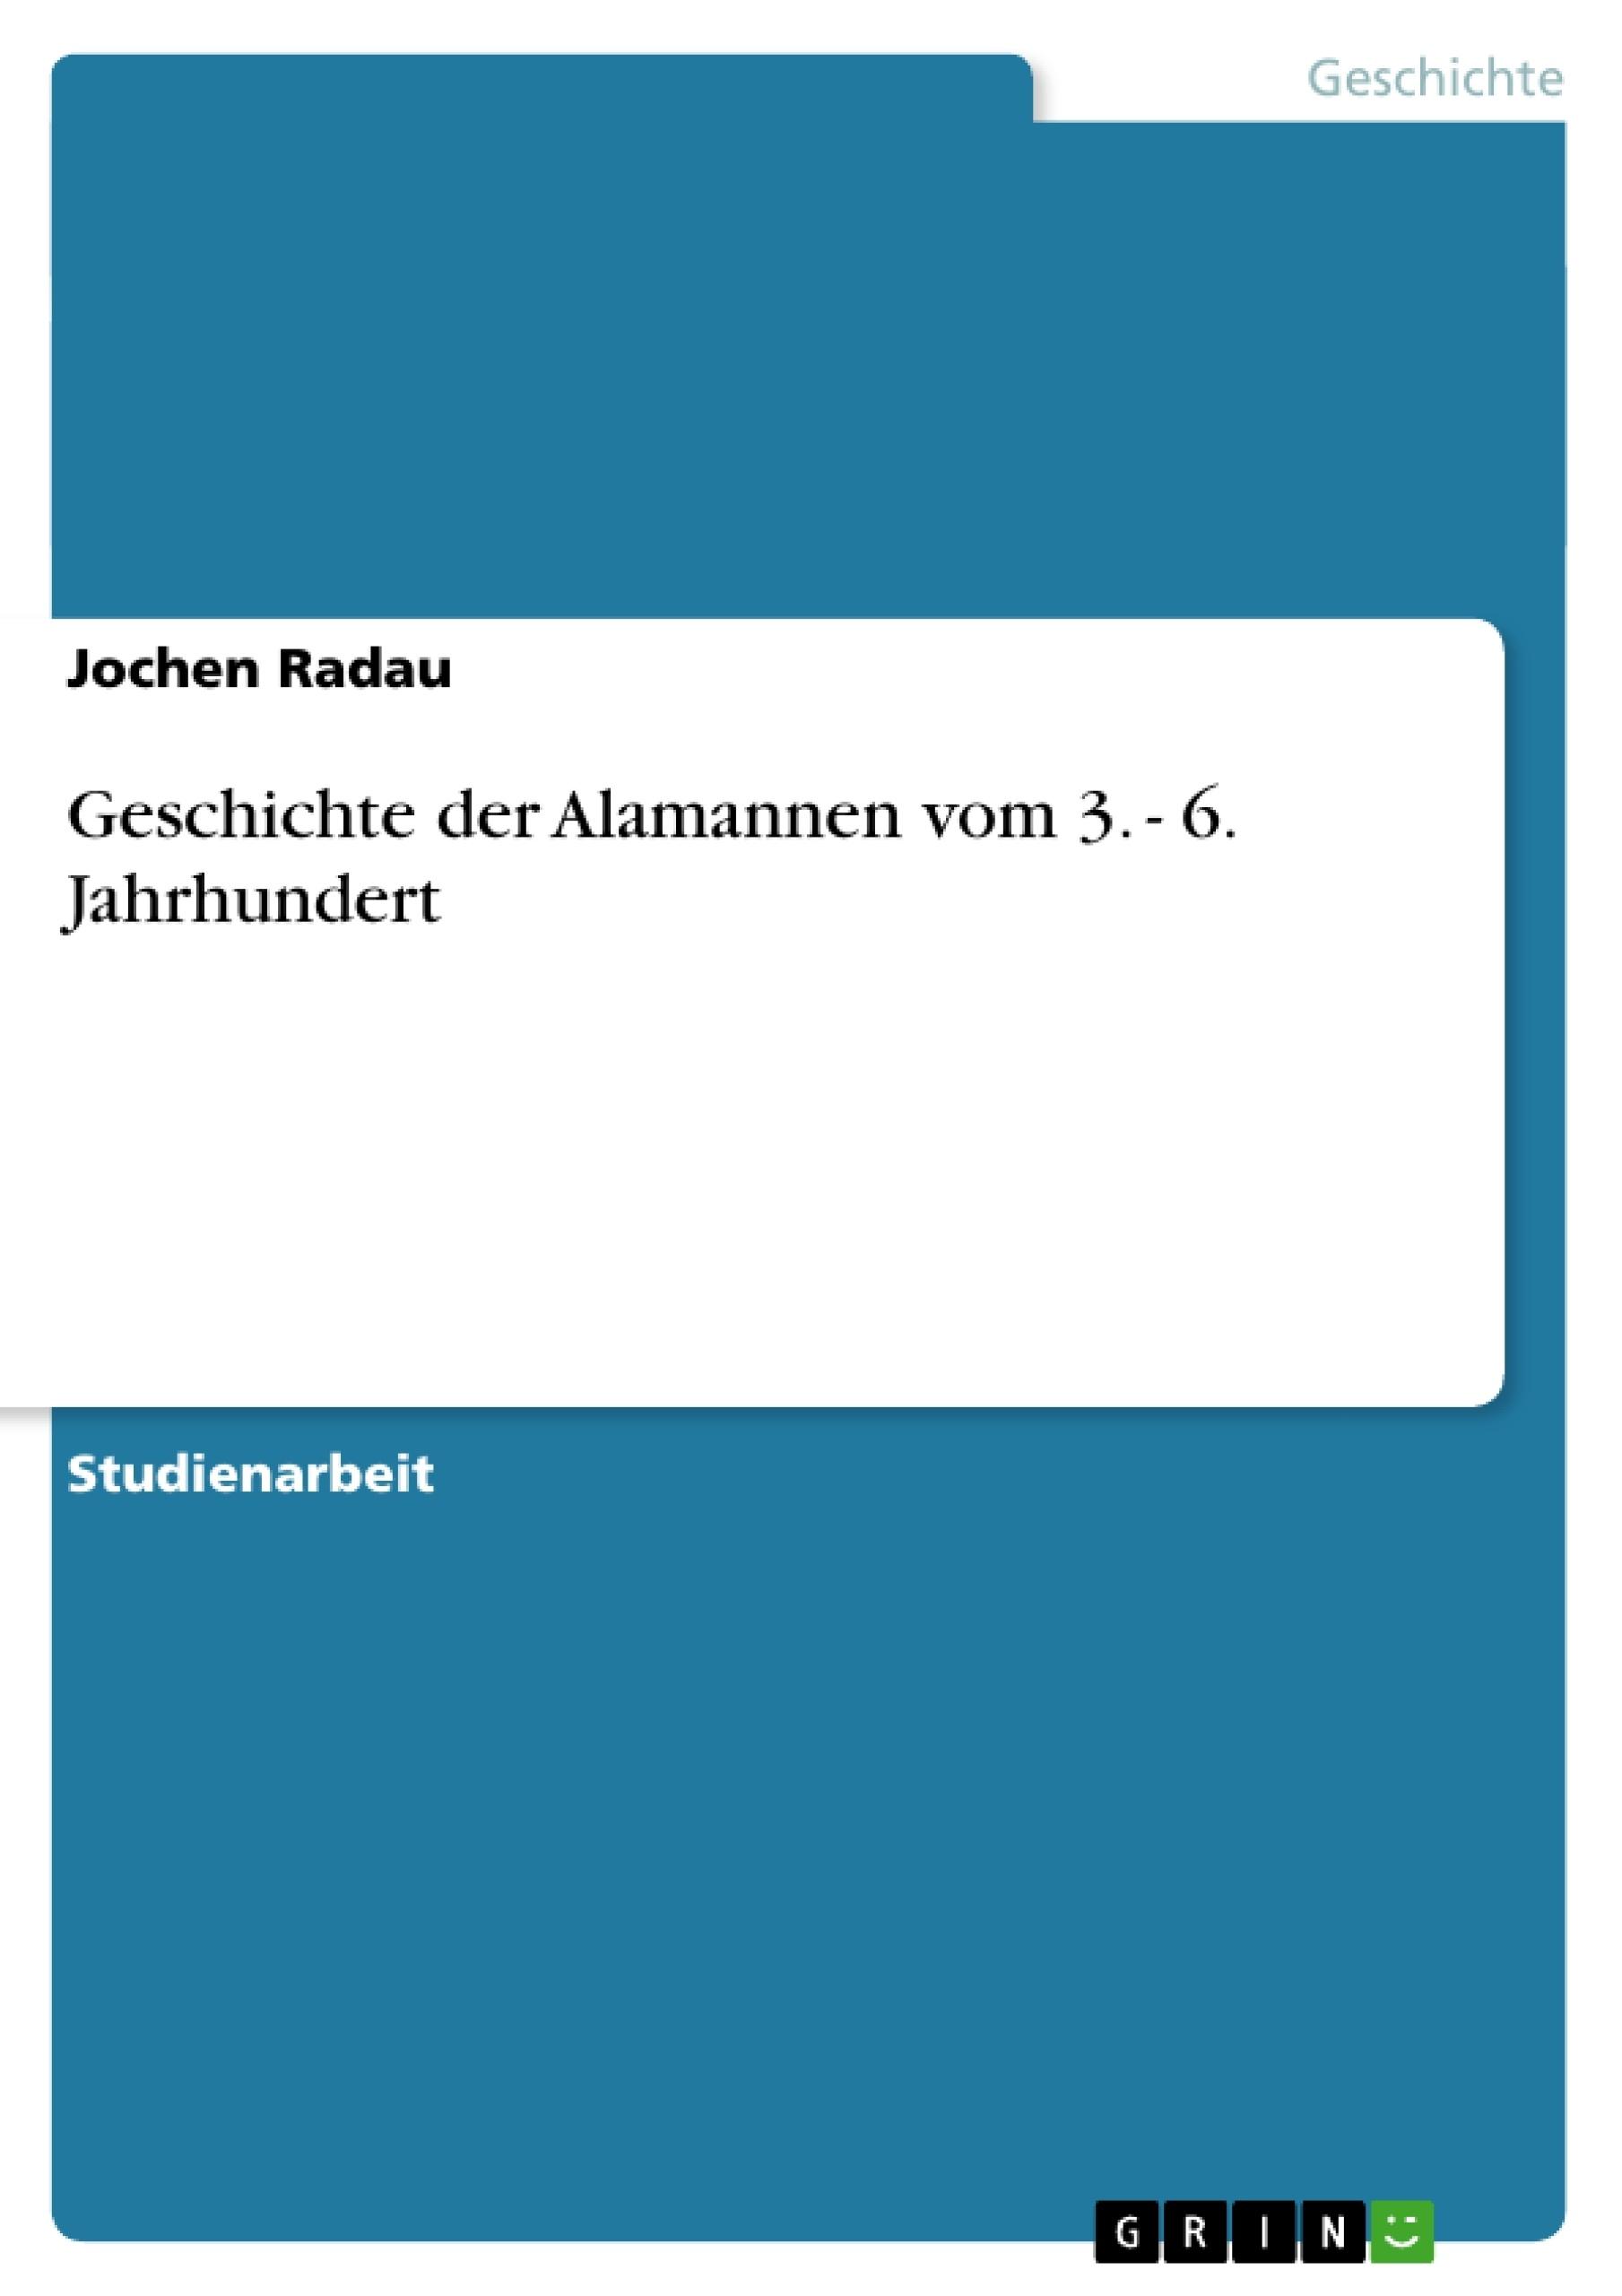 Titel: Geschichte der Alamannen  vom 3. - 6. Jahrhundert